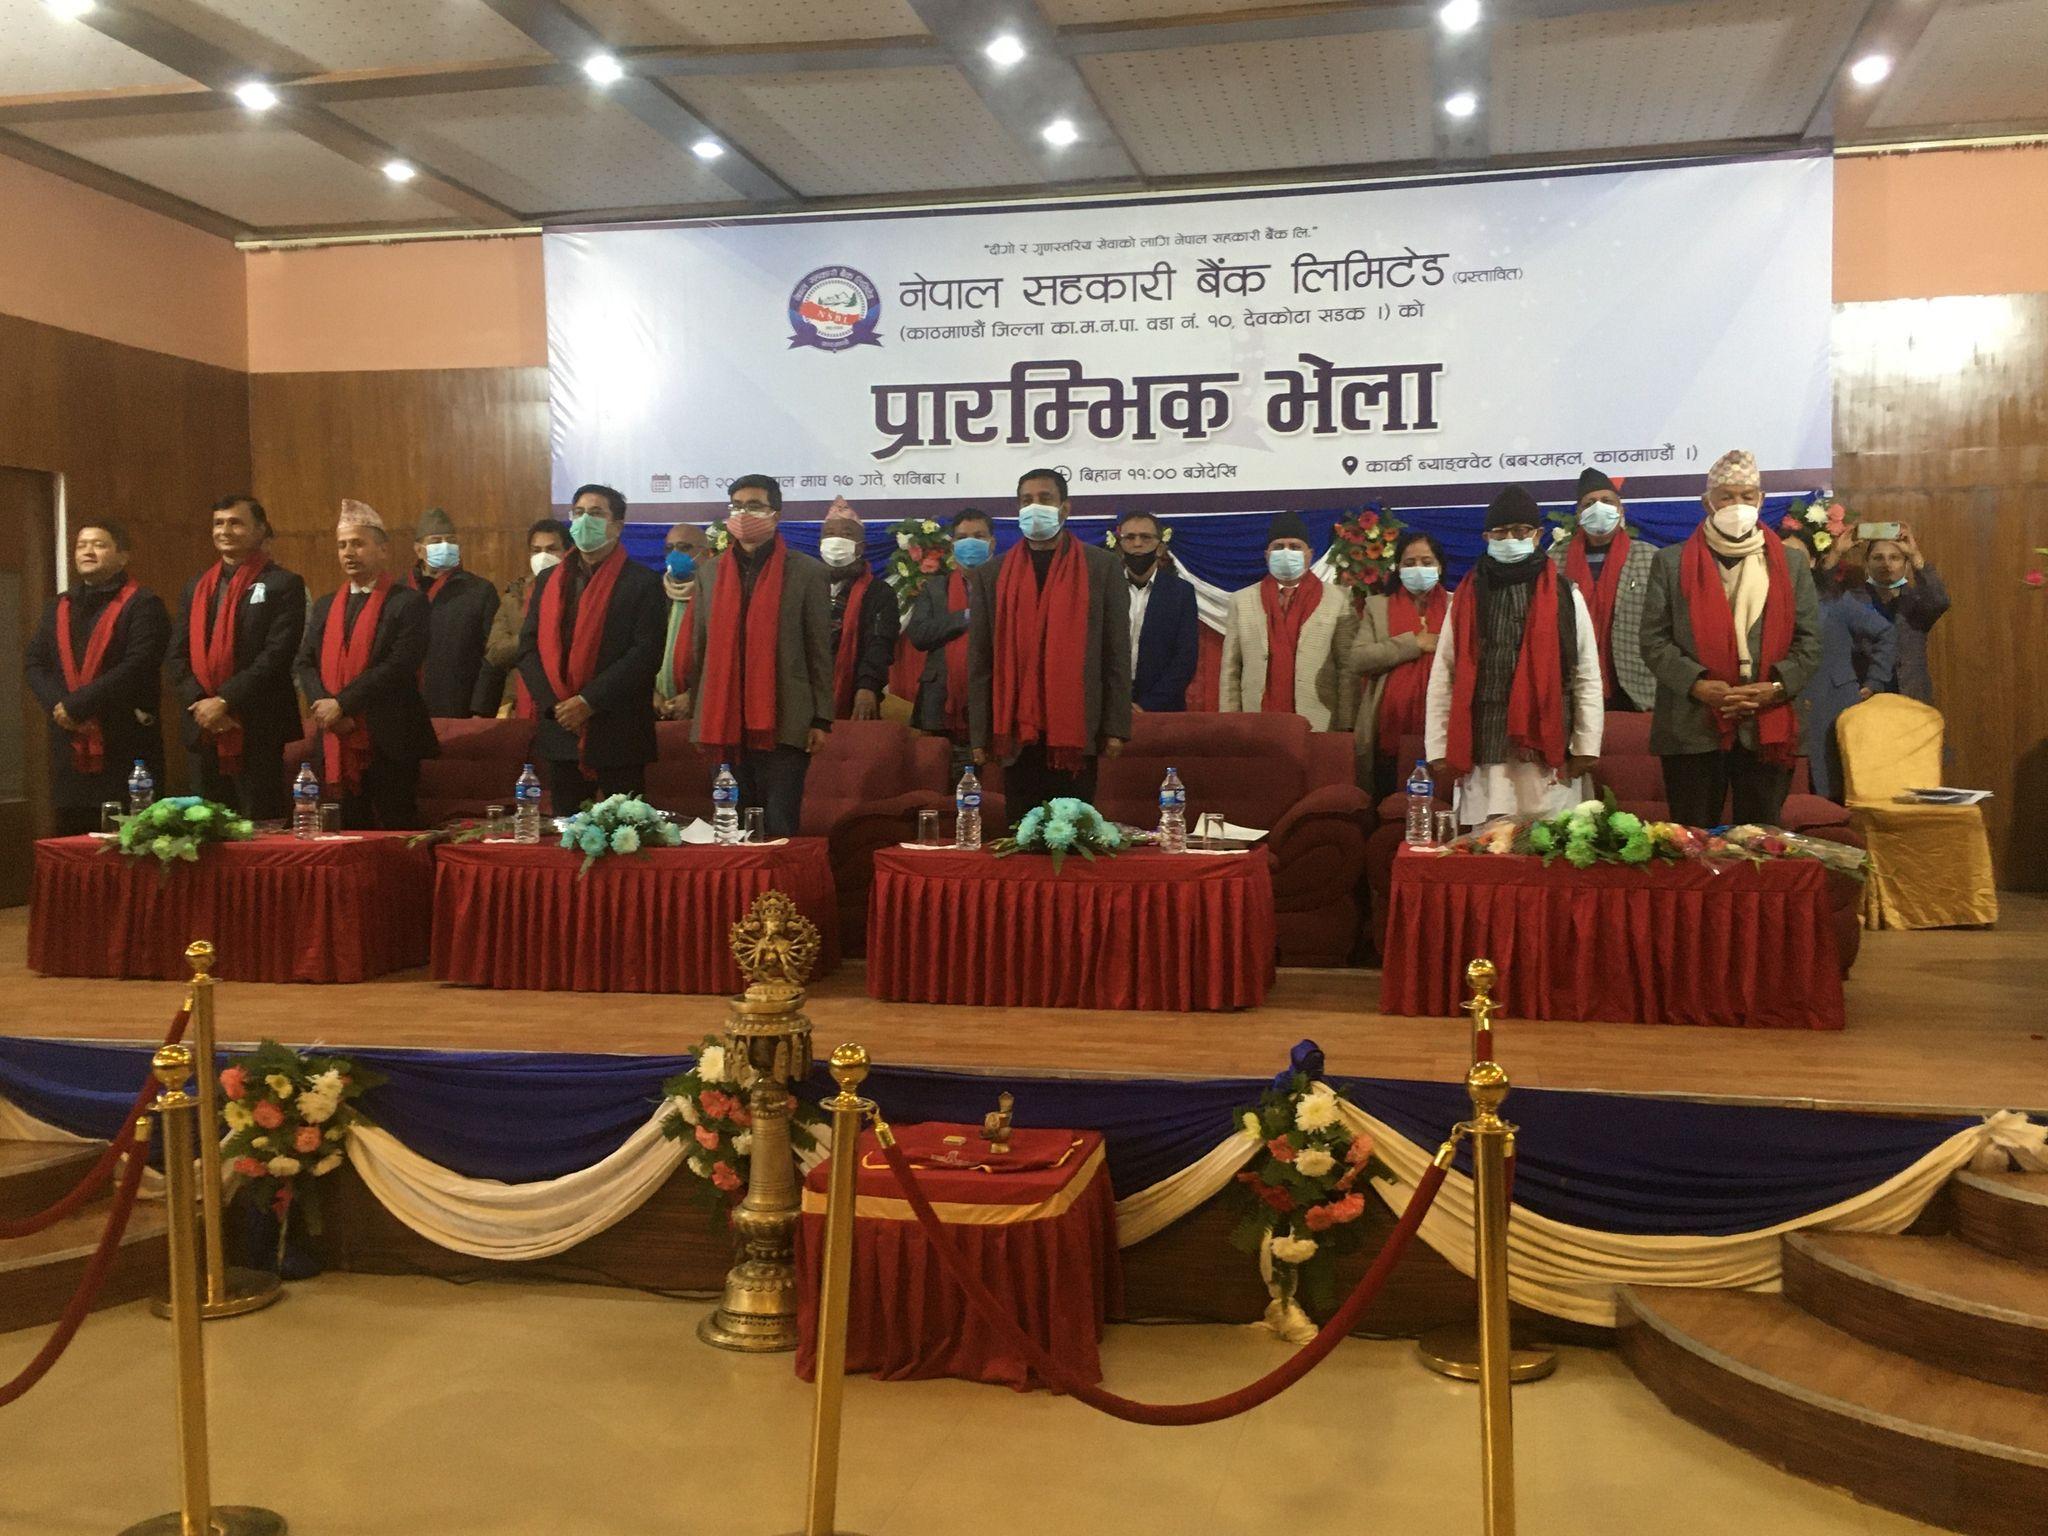 नेपाल सहकारी बैंकको प्रारम्भिक भेला सम्पन्न, अर्थतन्त्रलाई मजबुद बनाउन बैंक आवश्यक